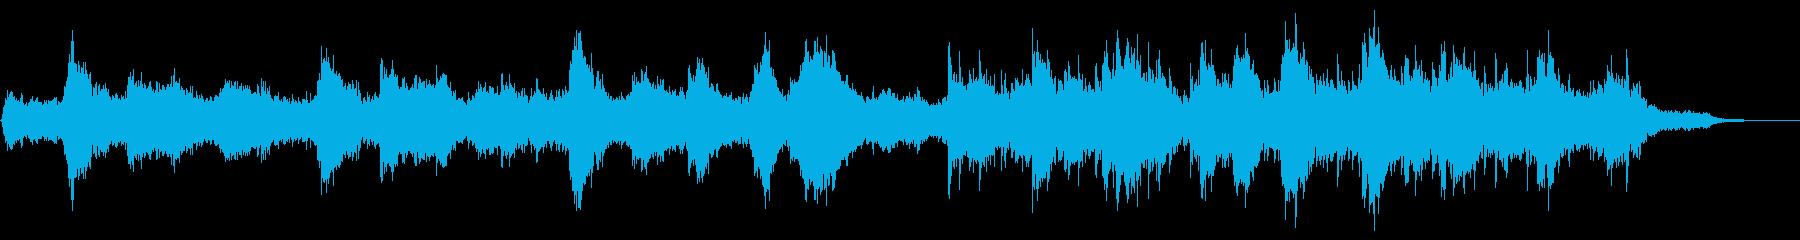 不気味・不安・悪意のある雰囲気のBGMの再生済みの波形